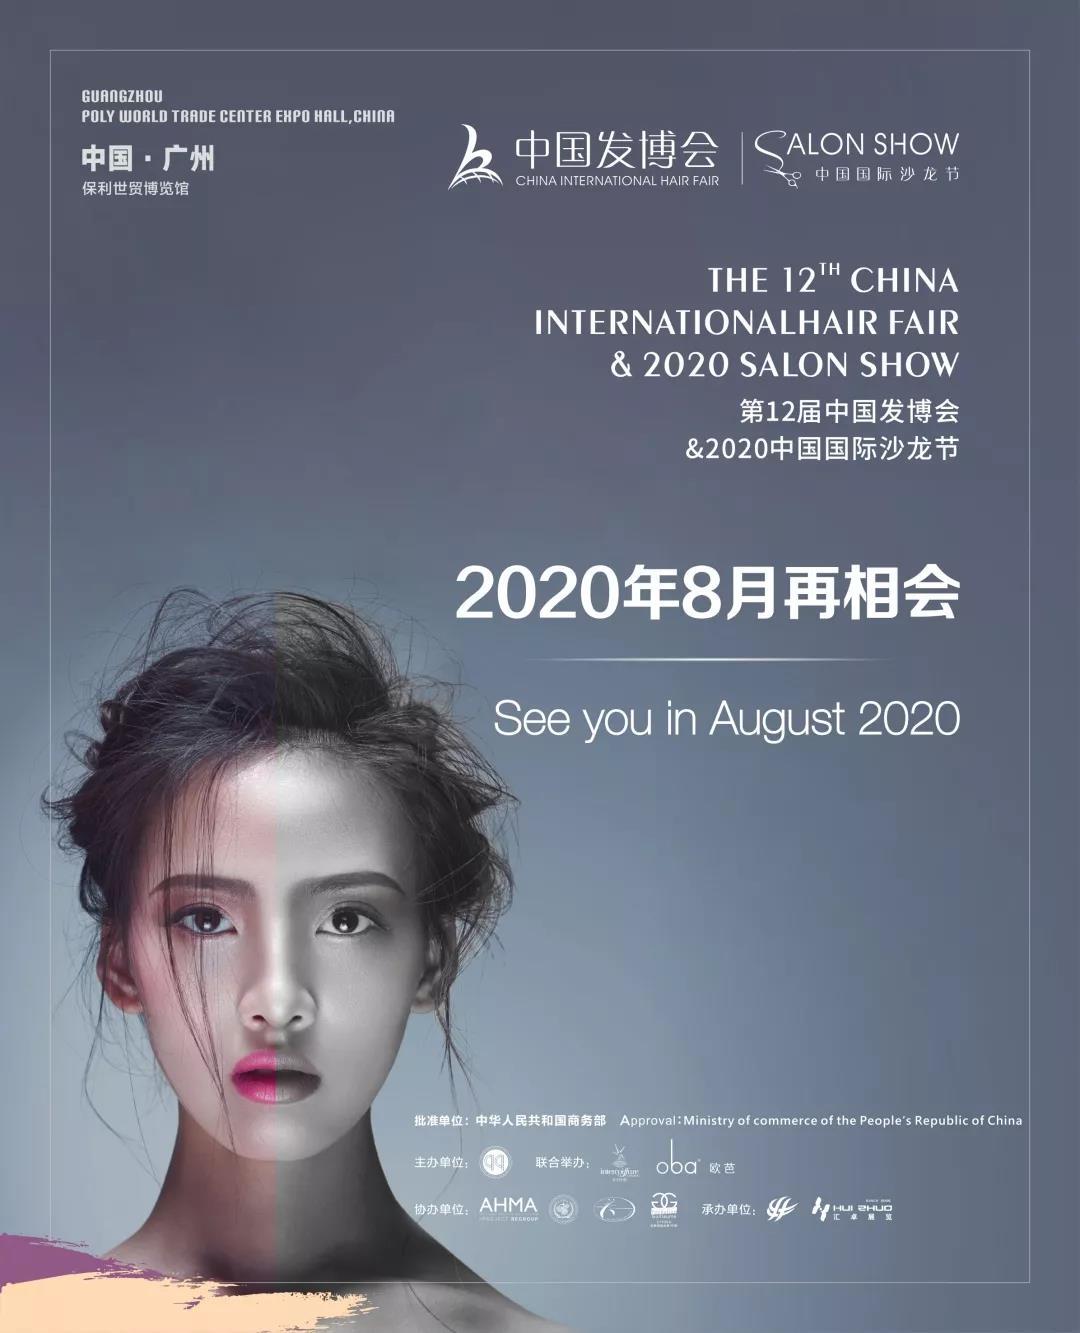 第11届中国发博会&2019中国国际